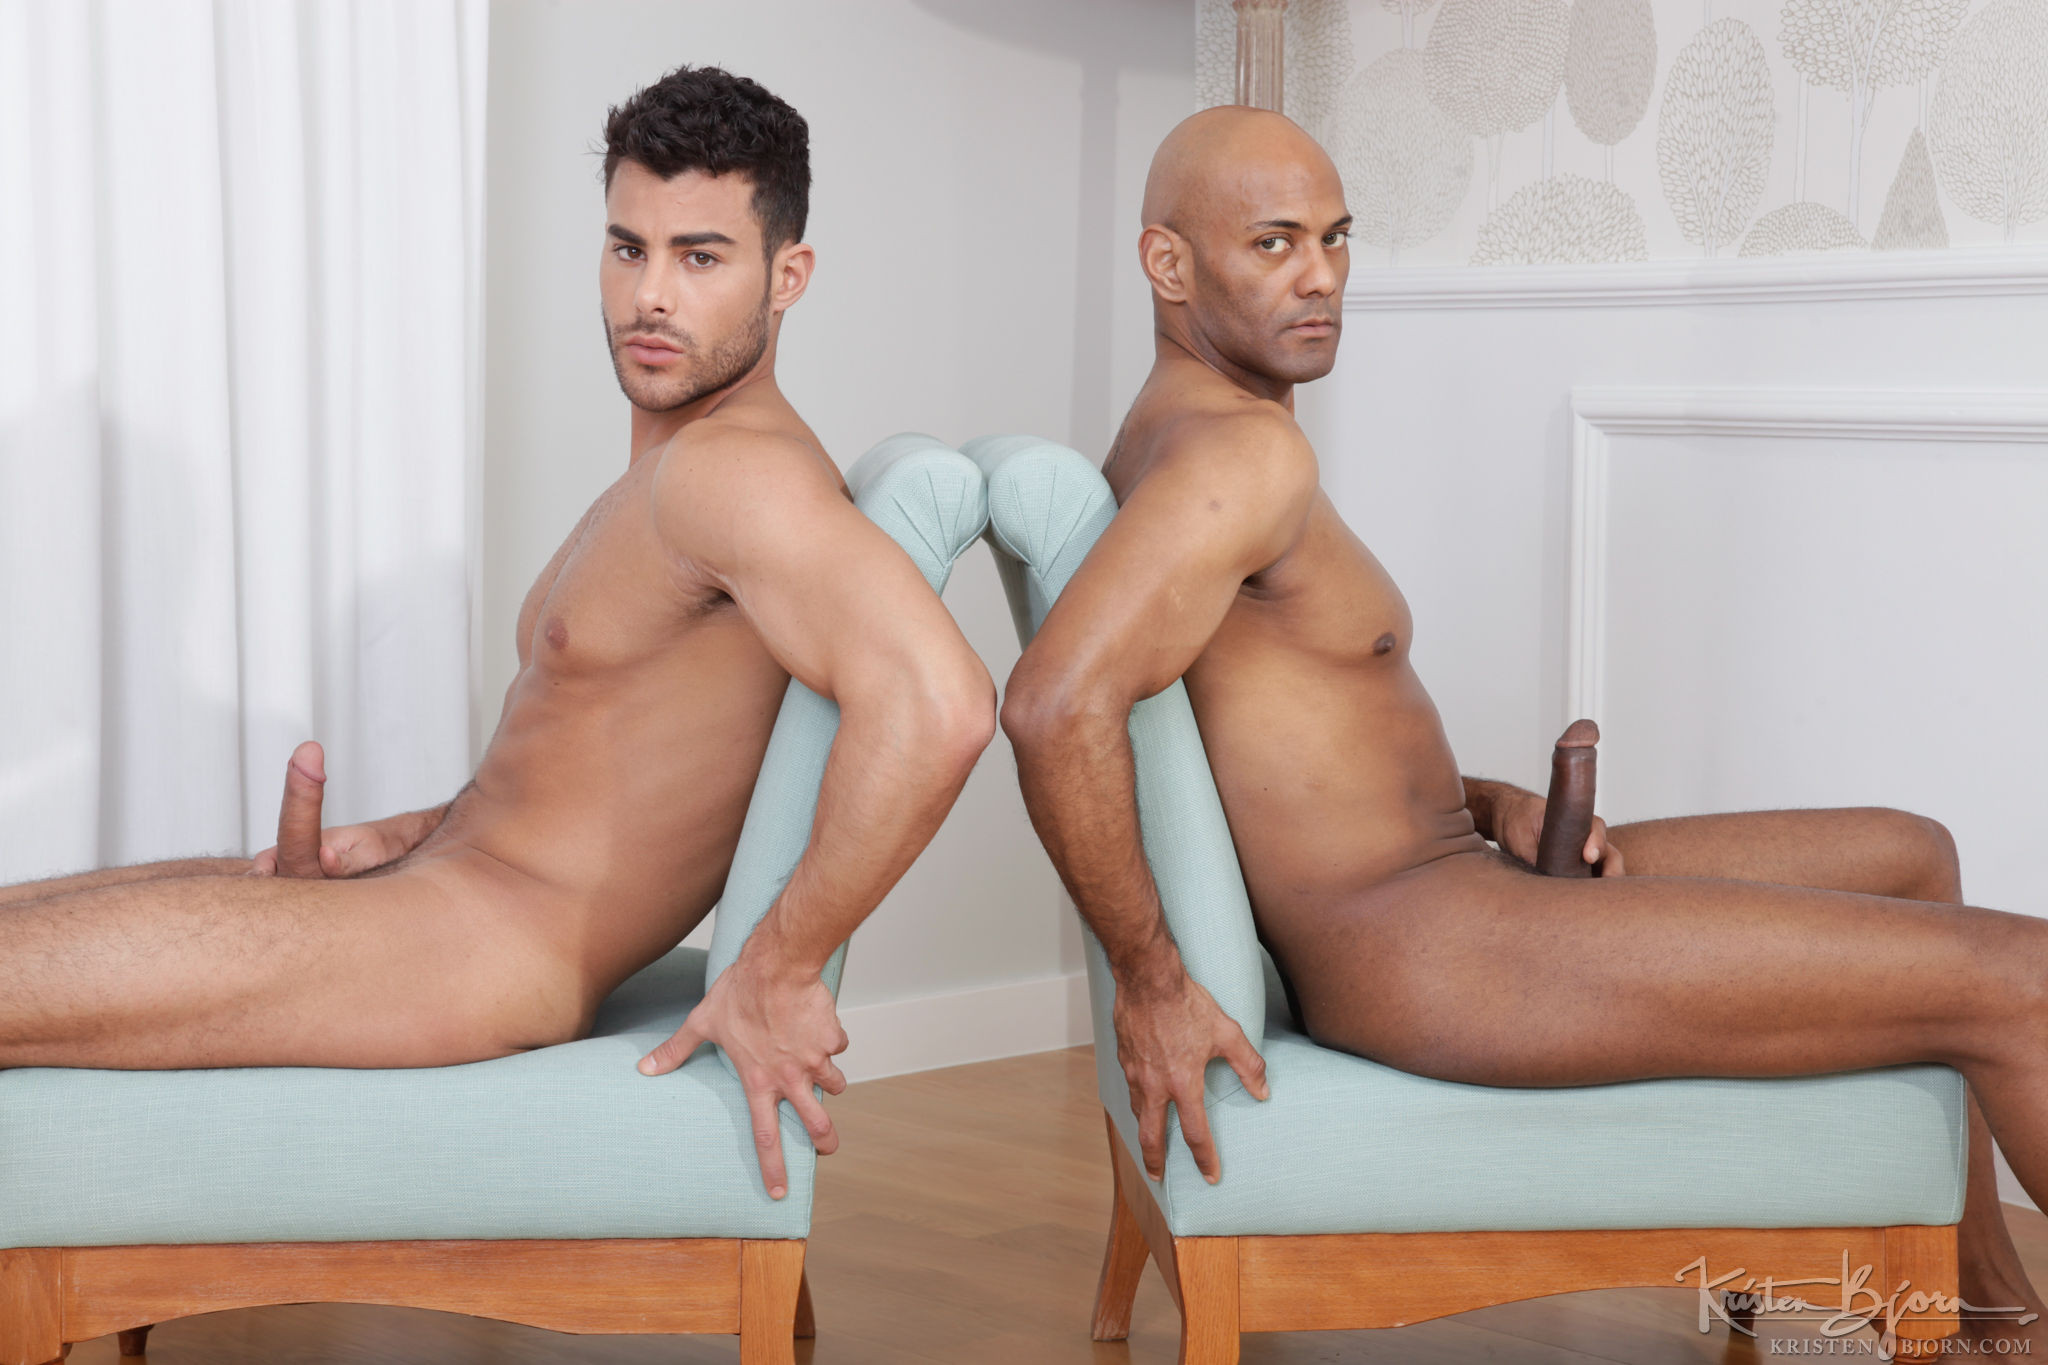 William Bravo Barebacks Jared - Gay Movies - Lucas Entertainment